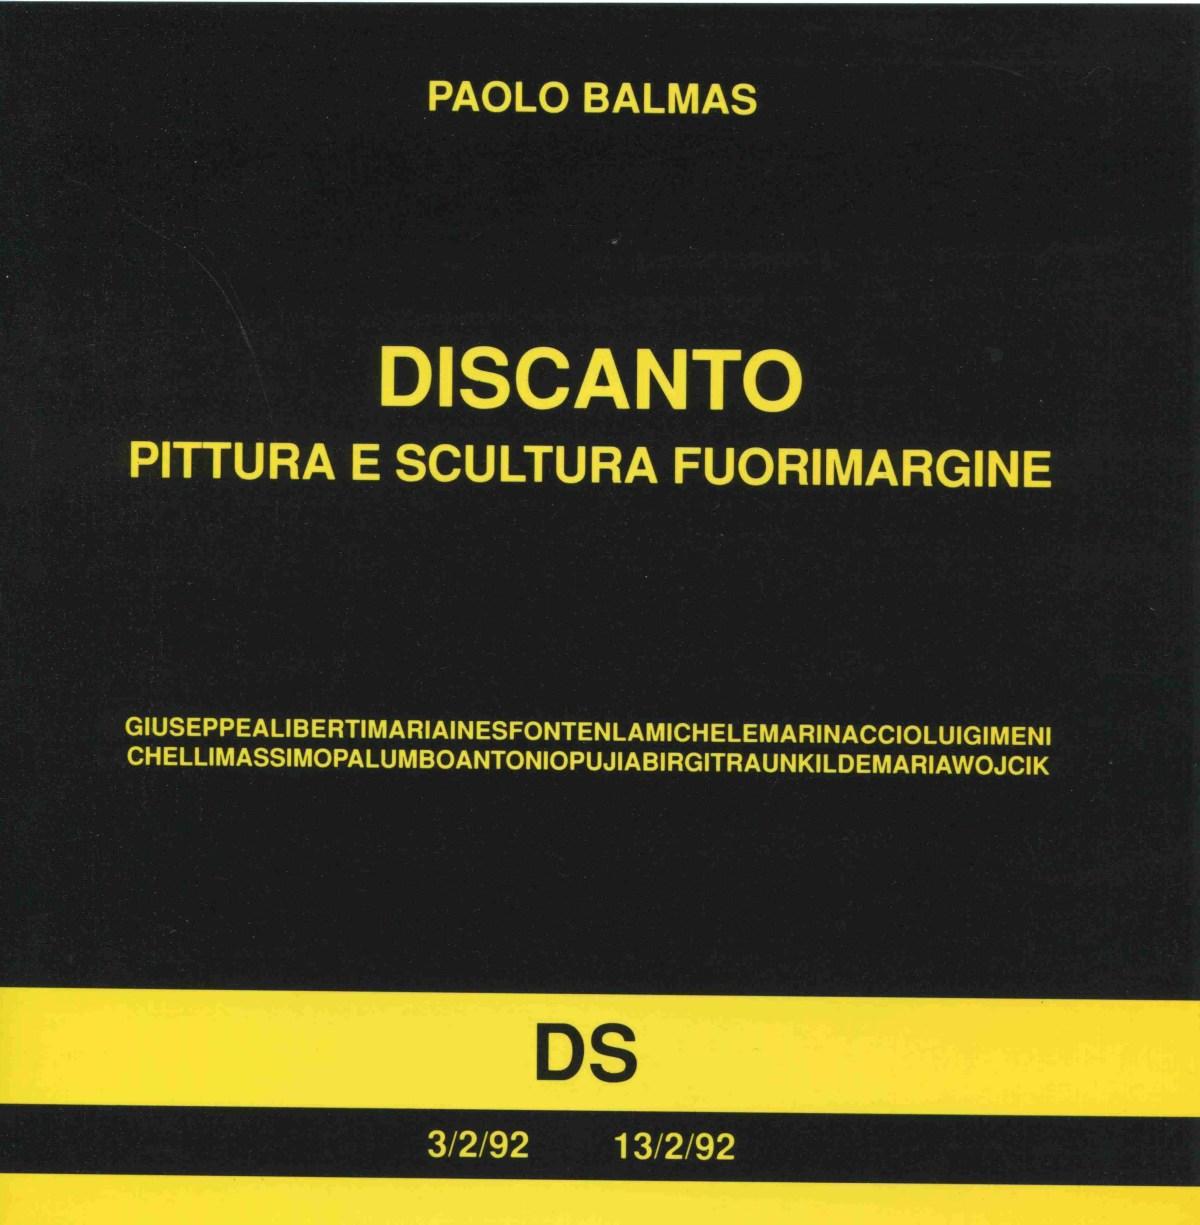 Discanto-Pittura e Scultura fuorimargine, Palazzo della Cultura 3 - 13 febbraio 1992, Latina